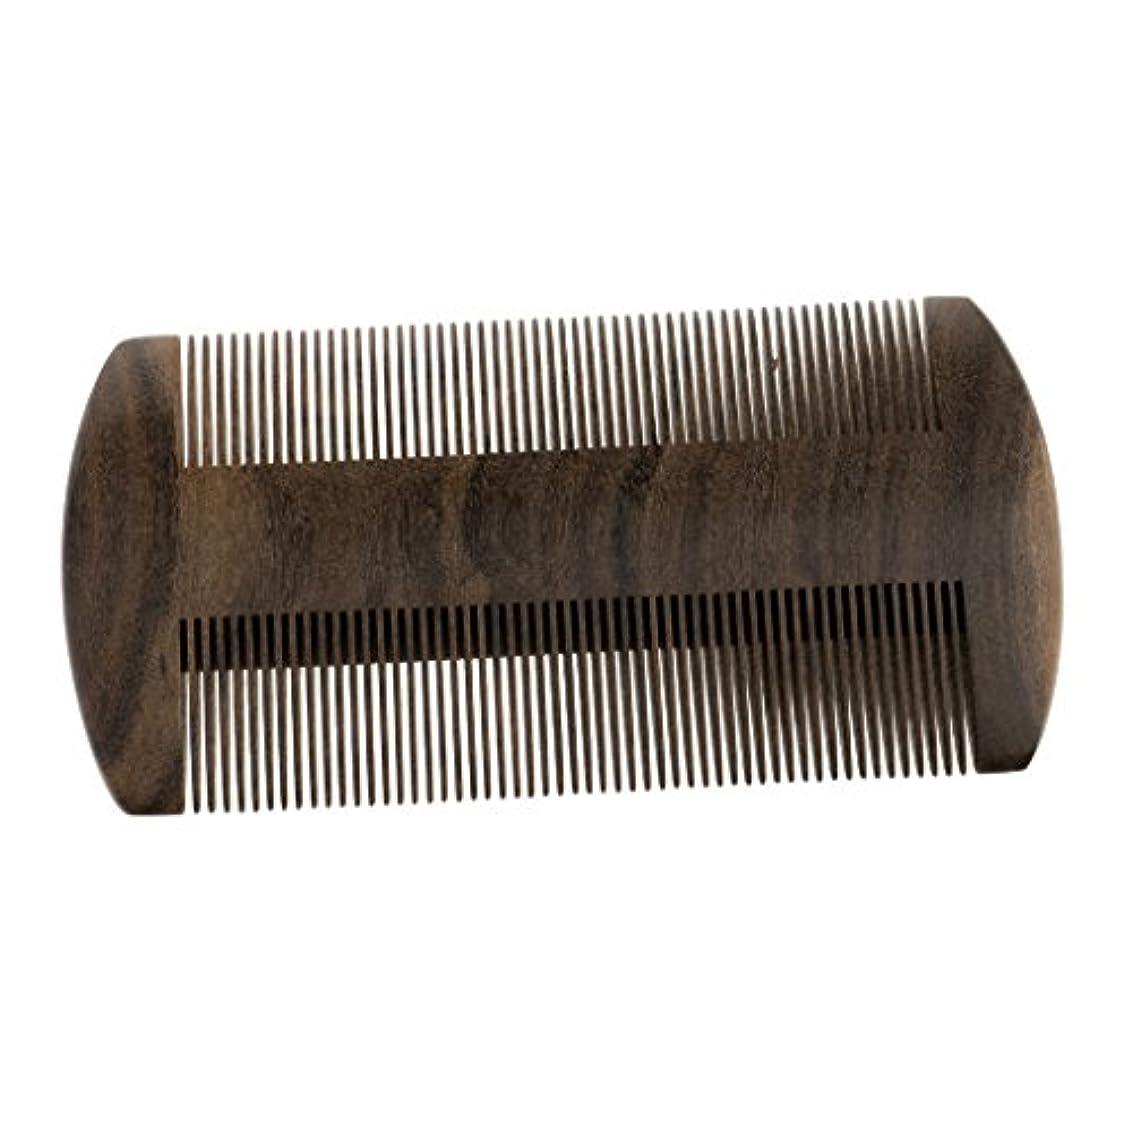 声を出して統計的イースターヘアダイコーム ウッドコーム ヘアブラシ 静電気防止 髭剃り櫛 ブラシ ポケットコーム